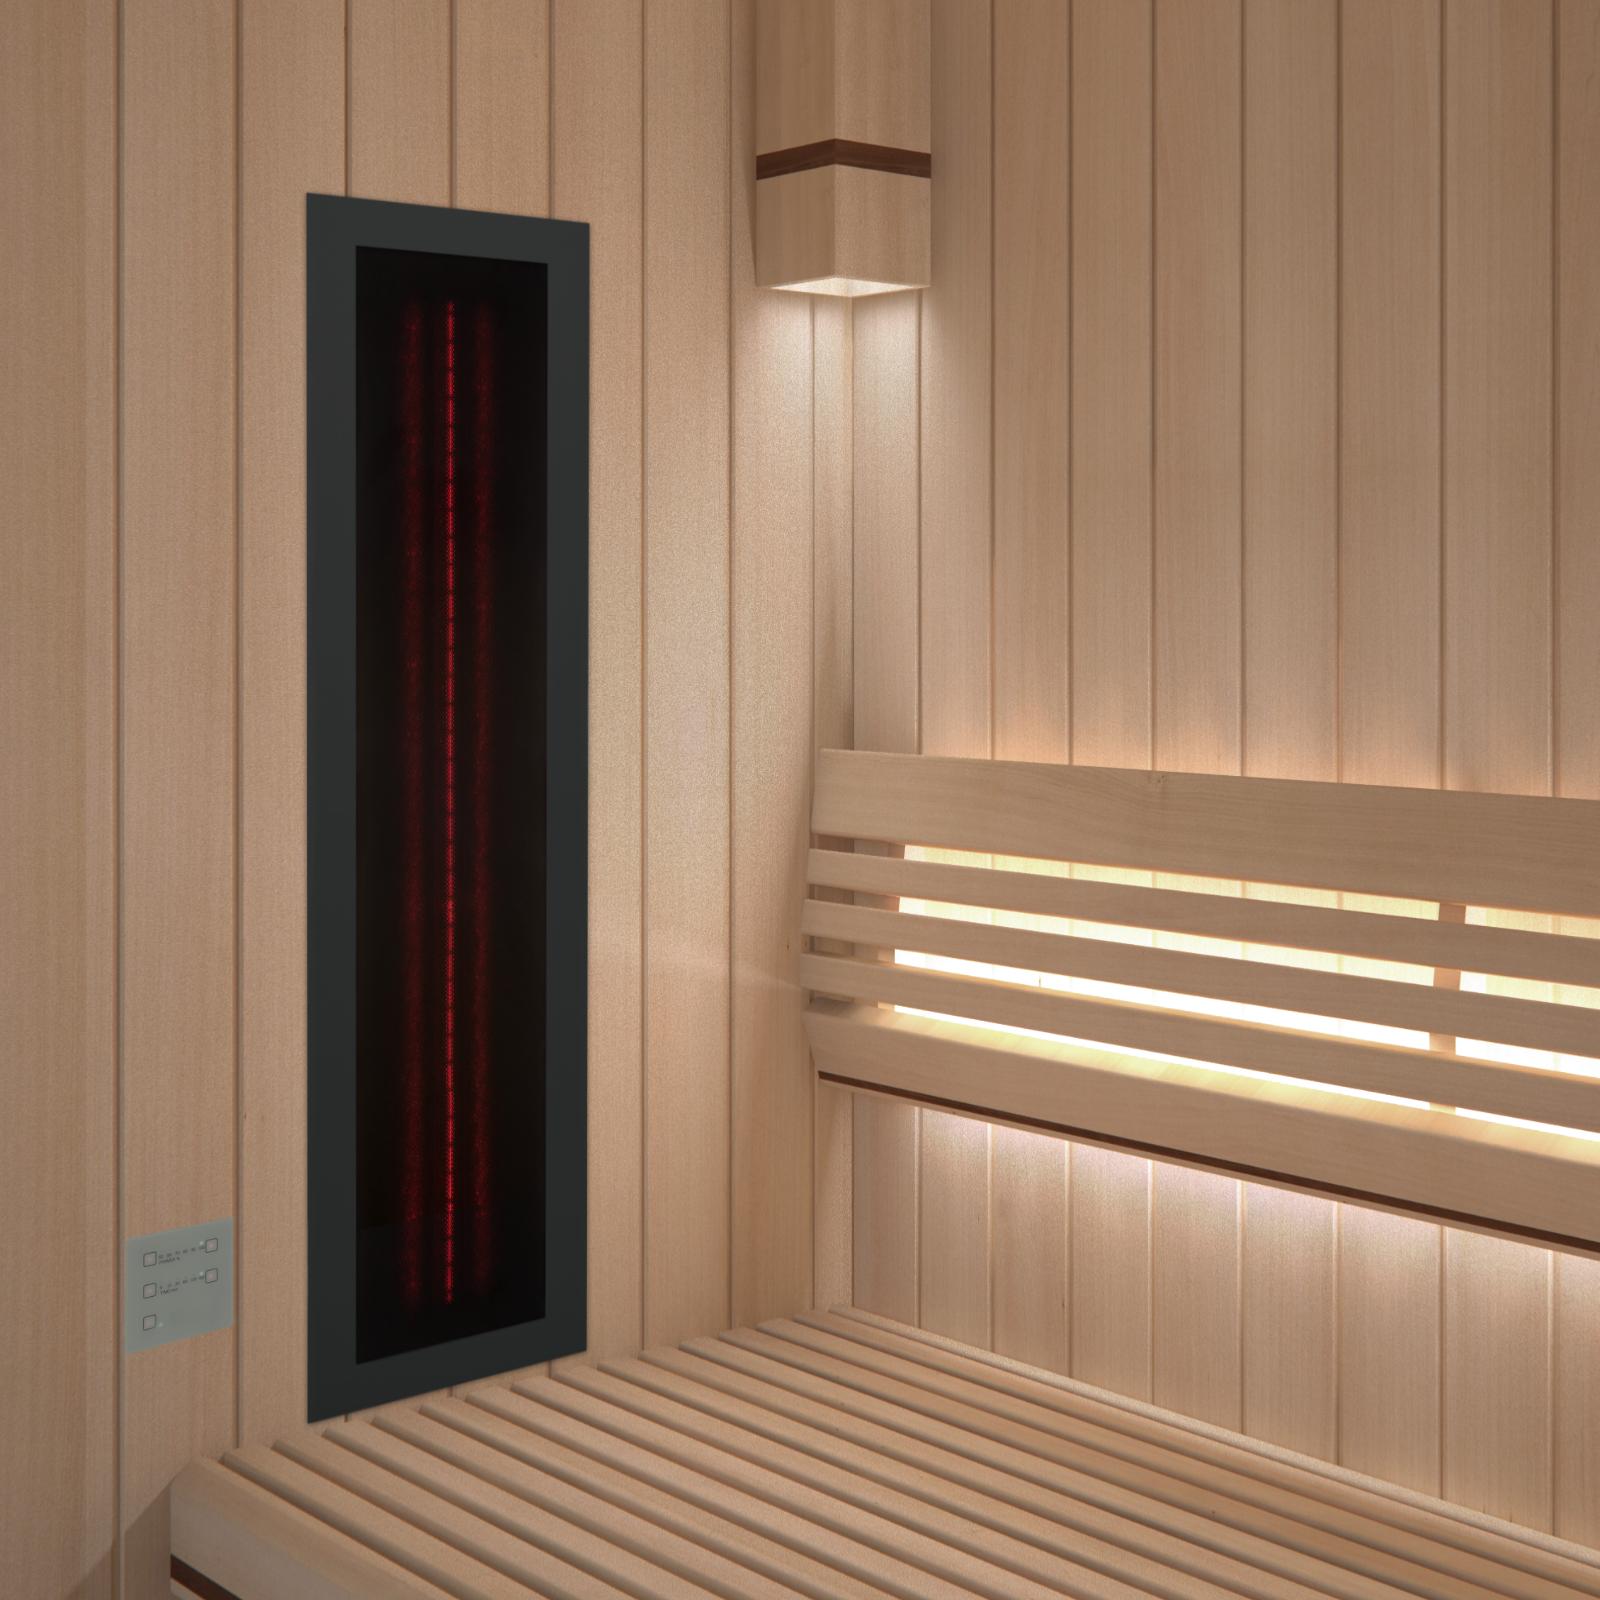 infrarotstrahler set 2 gkr ar dt3 glaskeramik rotlicht f r sauna saunahaus com. Black Bedroom Furniture Sets. Home Design Ideas